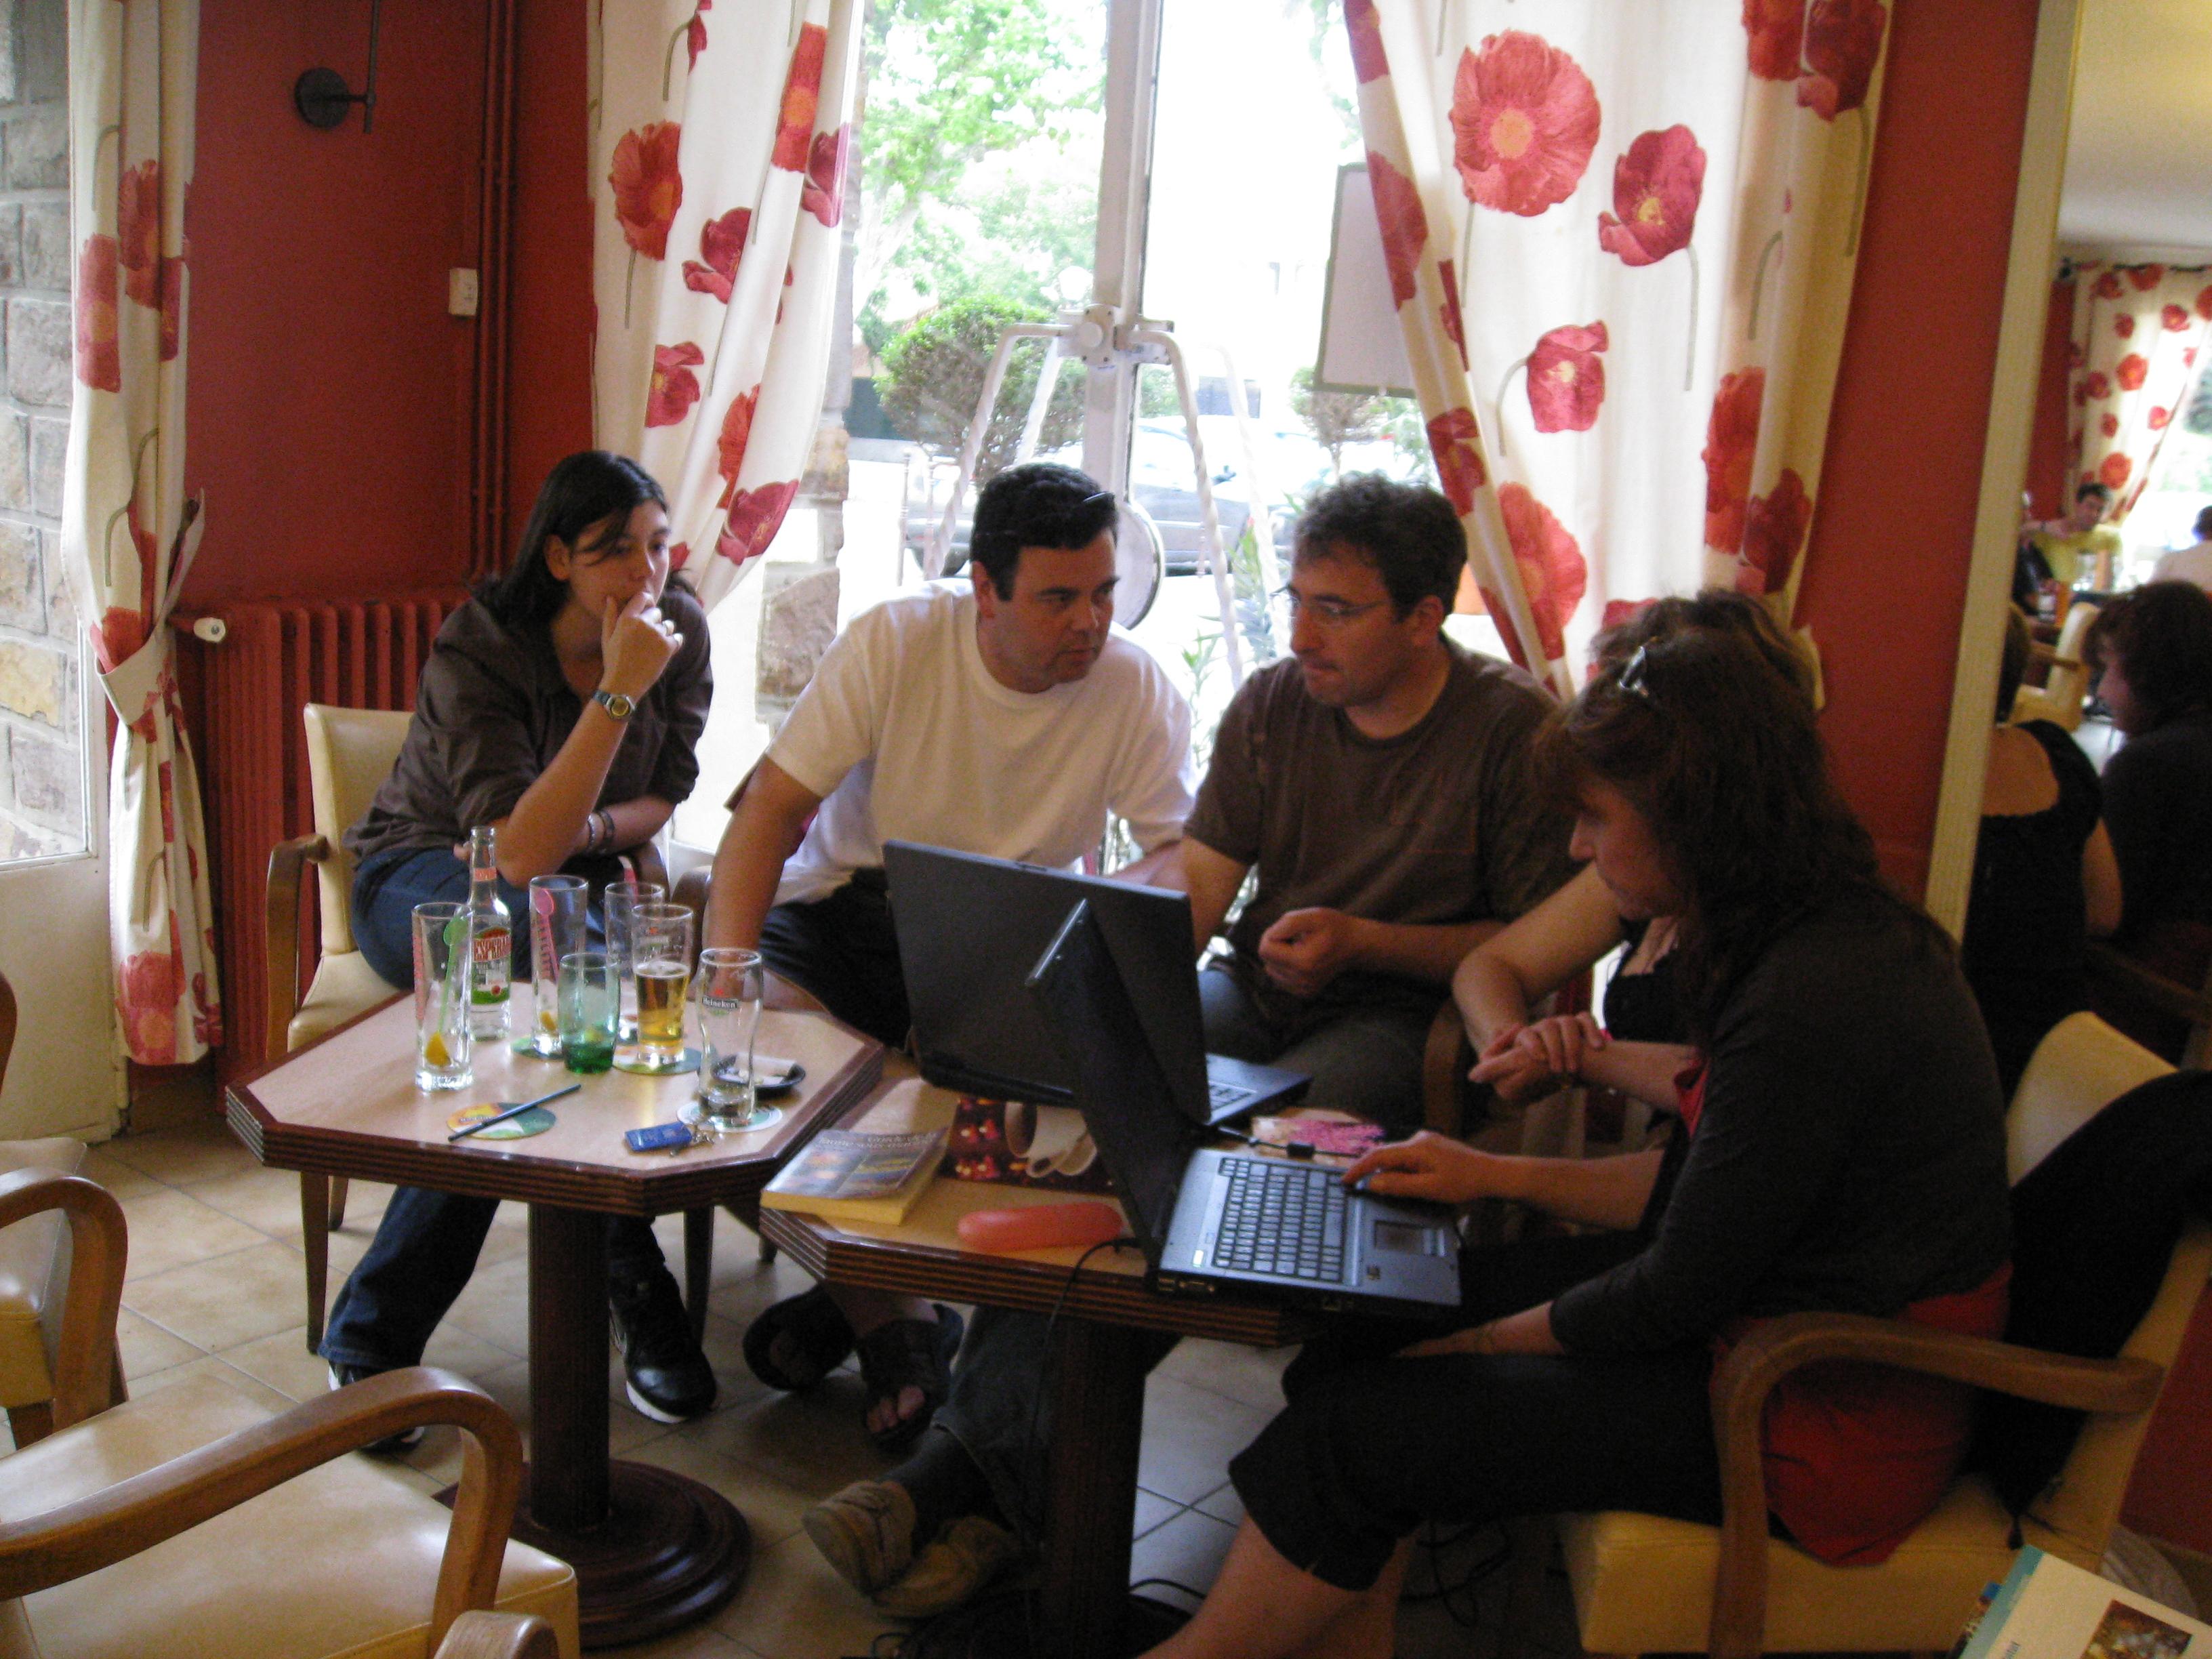 Formation N3 à Fréjus du 23 au 30 Avril 2011 - le 24 17-50-02